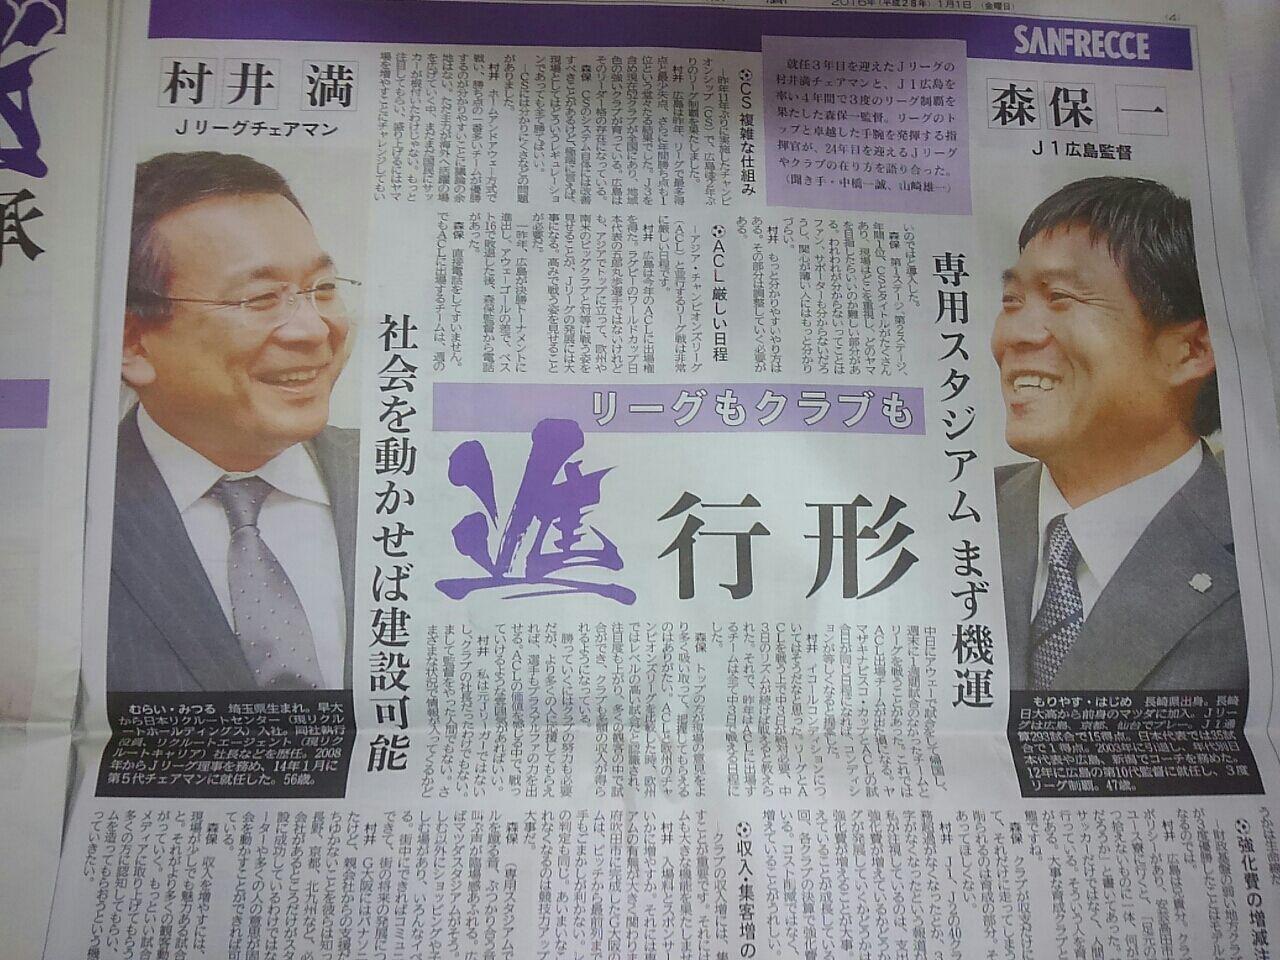 中国 新聞 サンフレッチェ